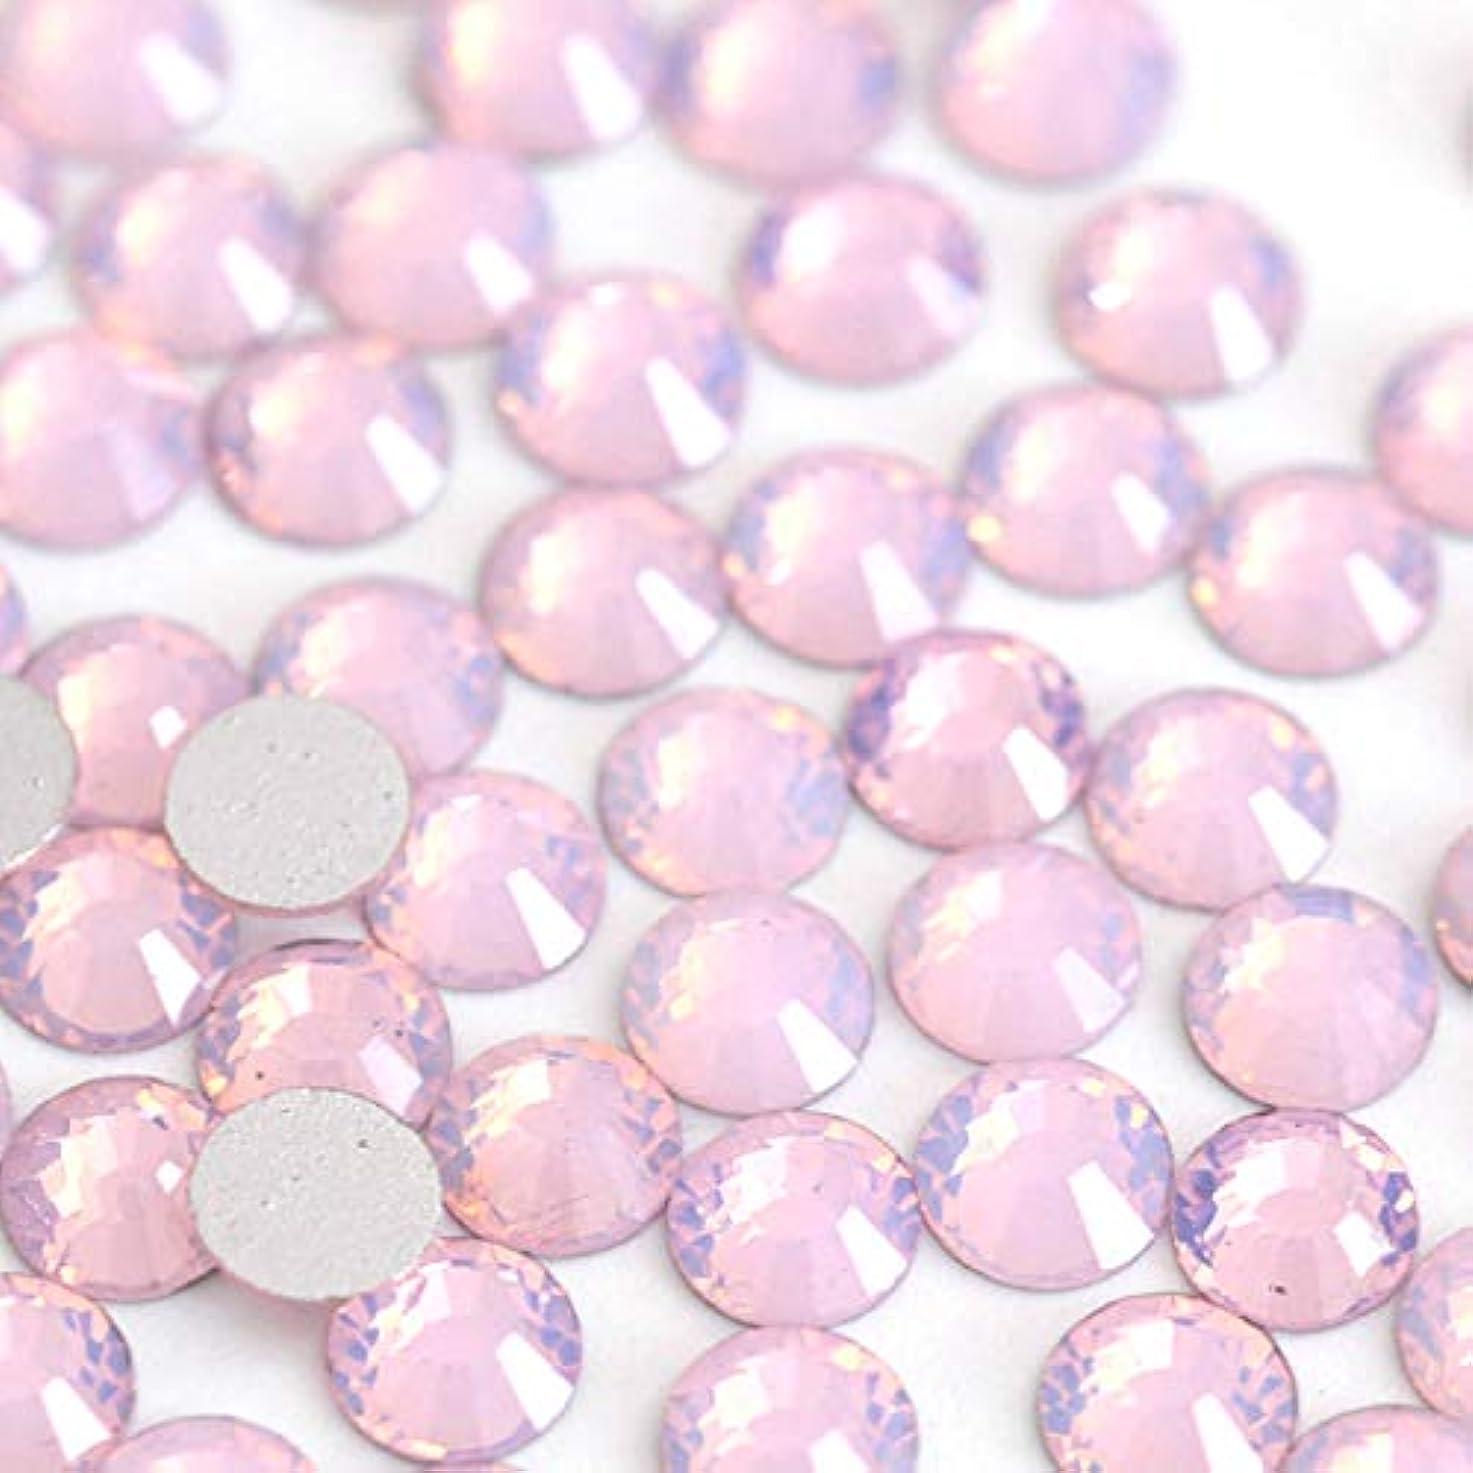 港ペチコートカナダ【ラインストーン77】 ガラス製ラインストーン ピンクオパール(SS4:約1.5mm /約200粒)